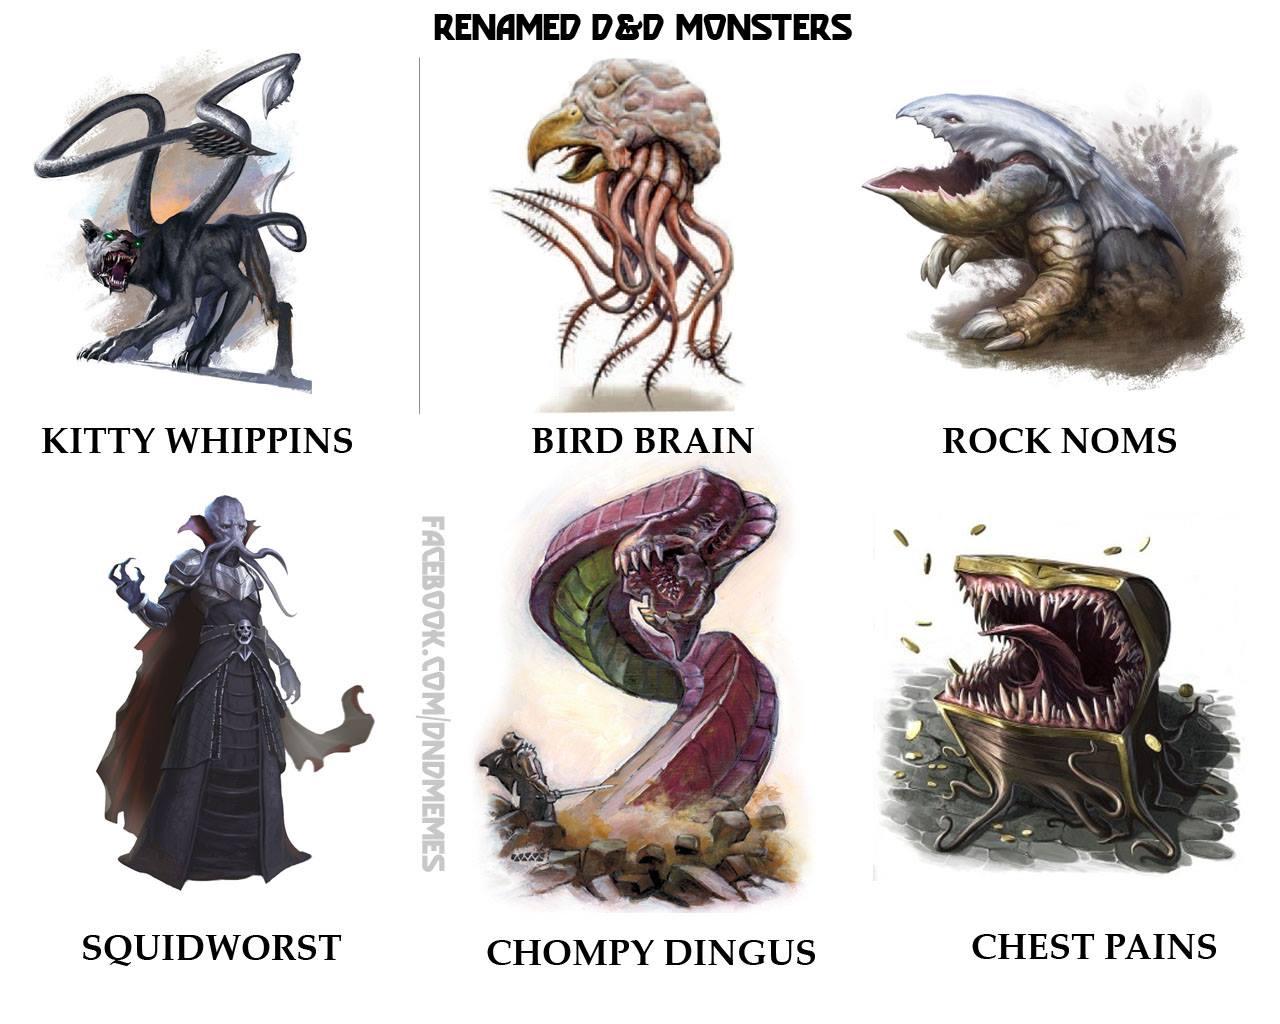 dnd-memes-renamed-monsters-11k